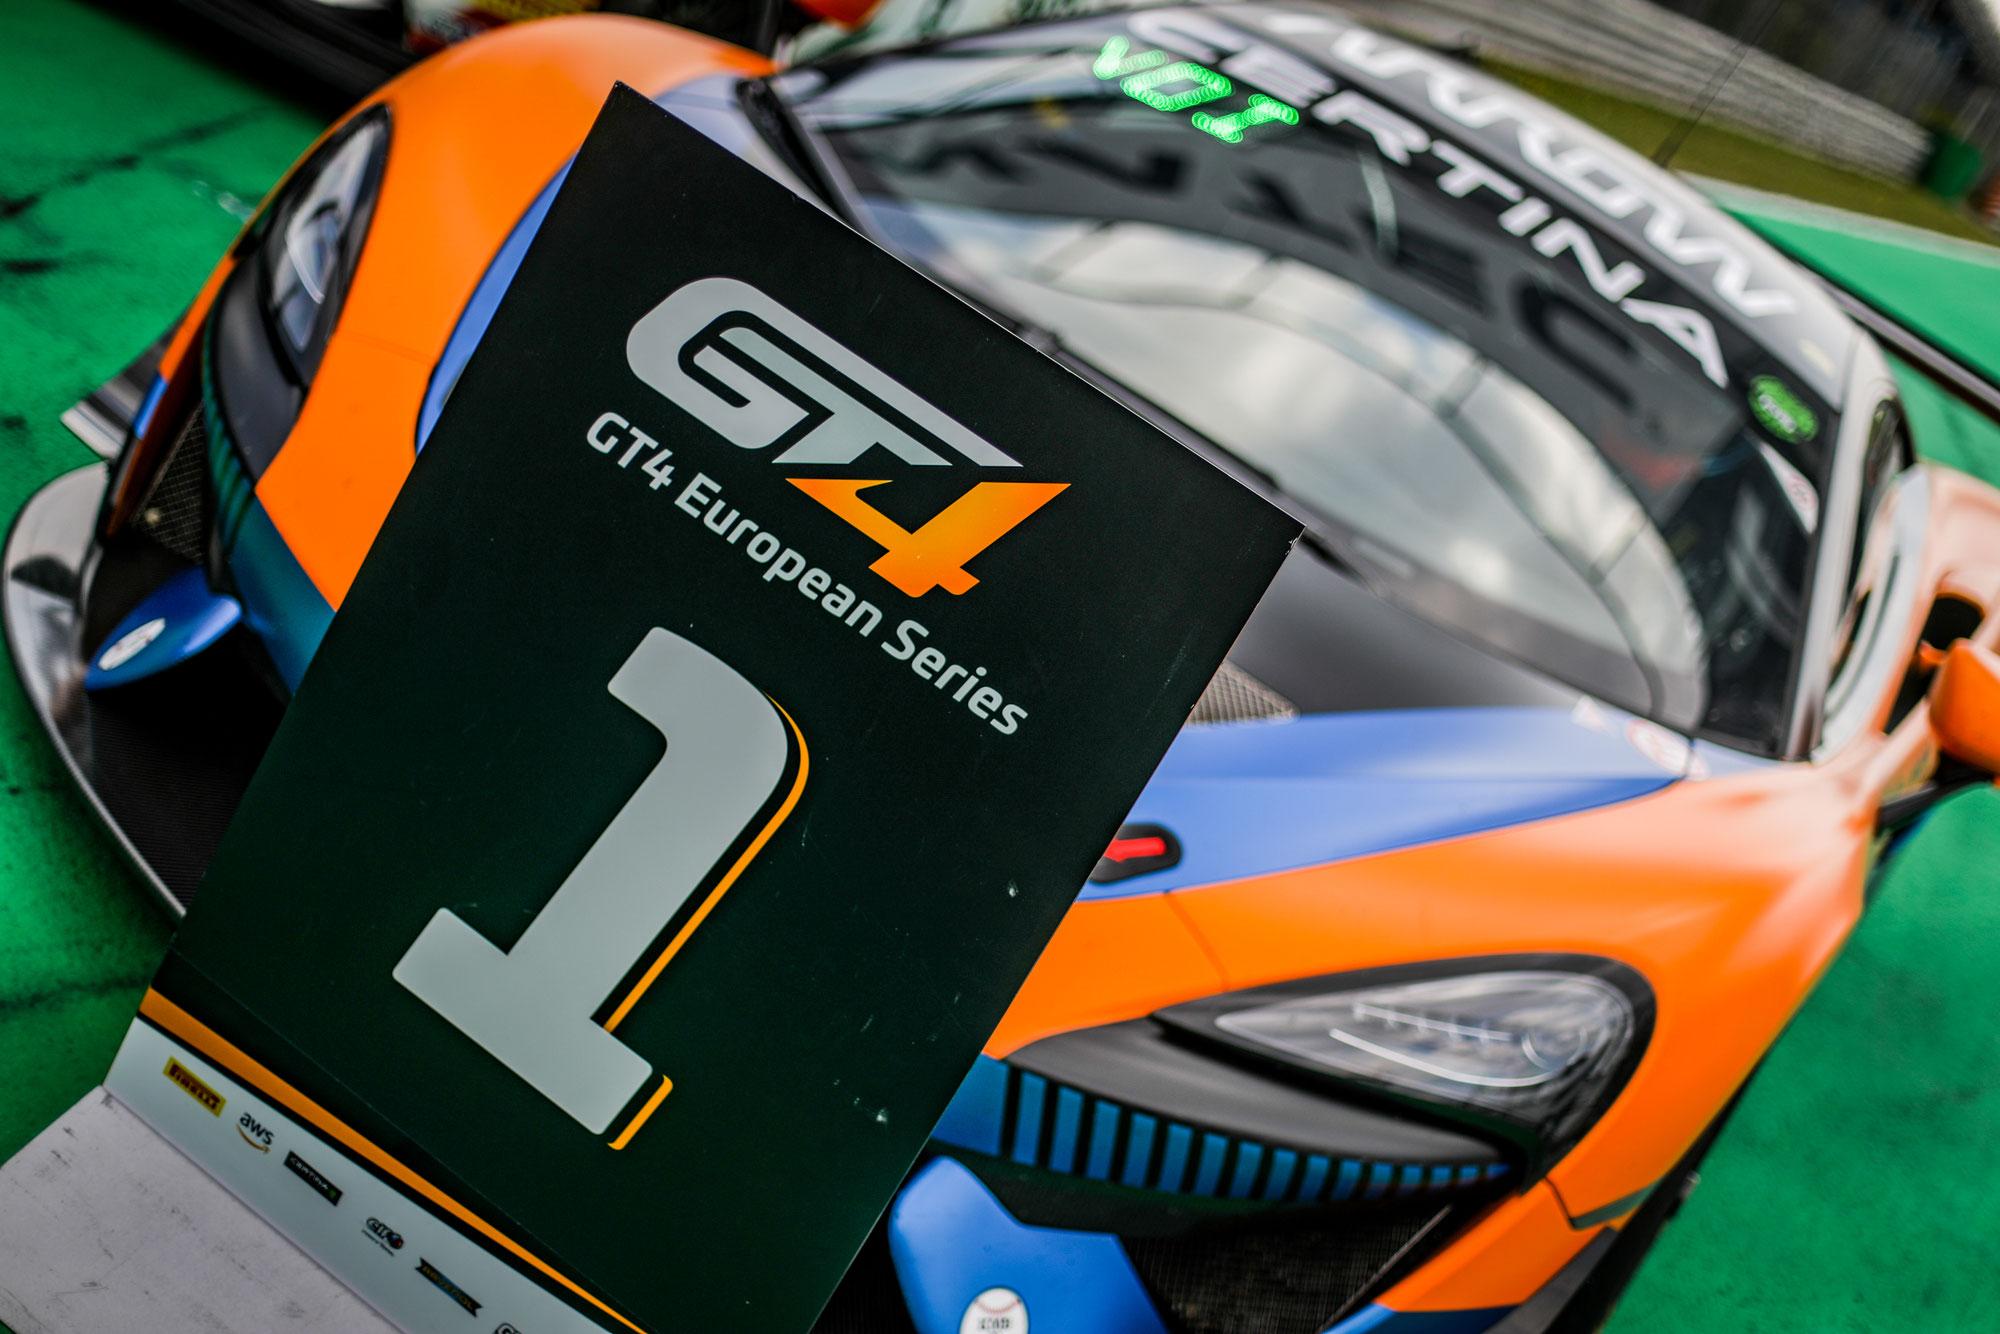 United Autosports komplettiert fulminantes Debüt-Wochenende mit zweitem Sieg in Monza